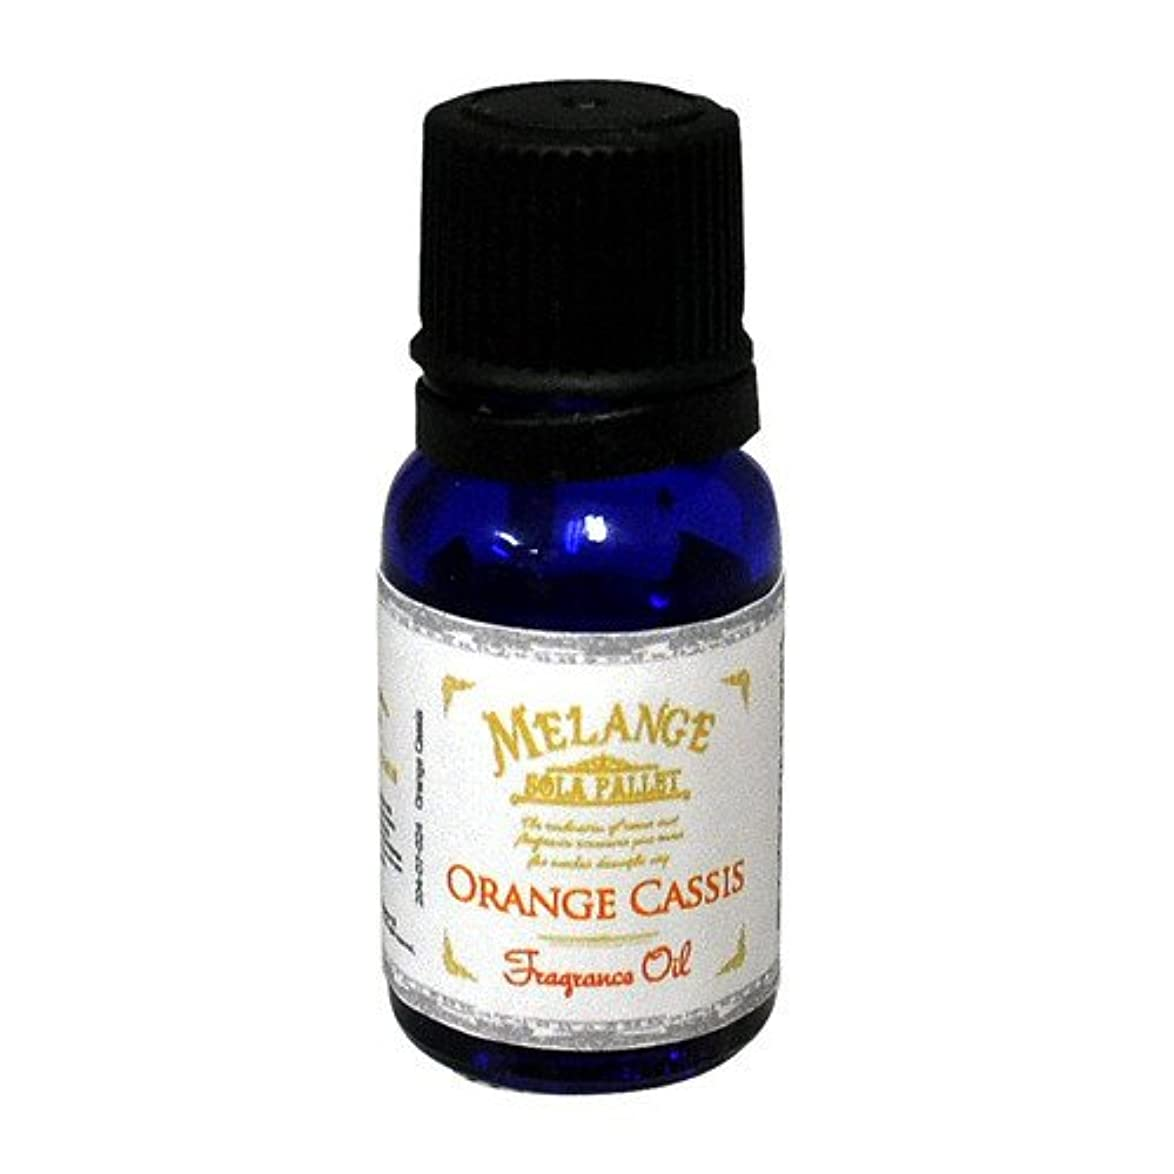 作成するリスナー風味SOLA PALLET MELANGE Fragrance Oil フレグランスオイル Orange Cassis オレンジカシス